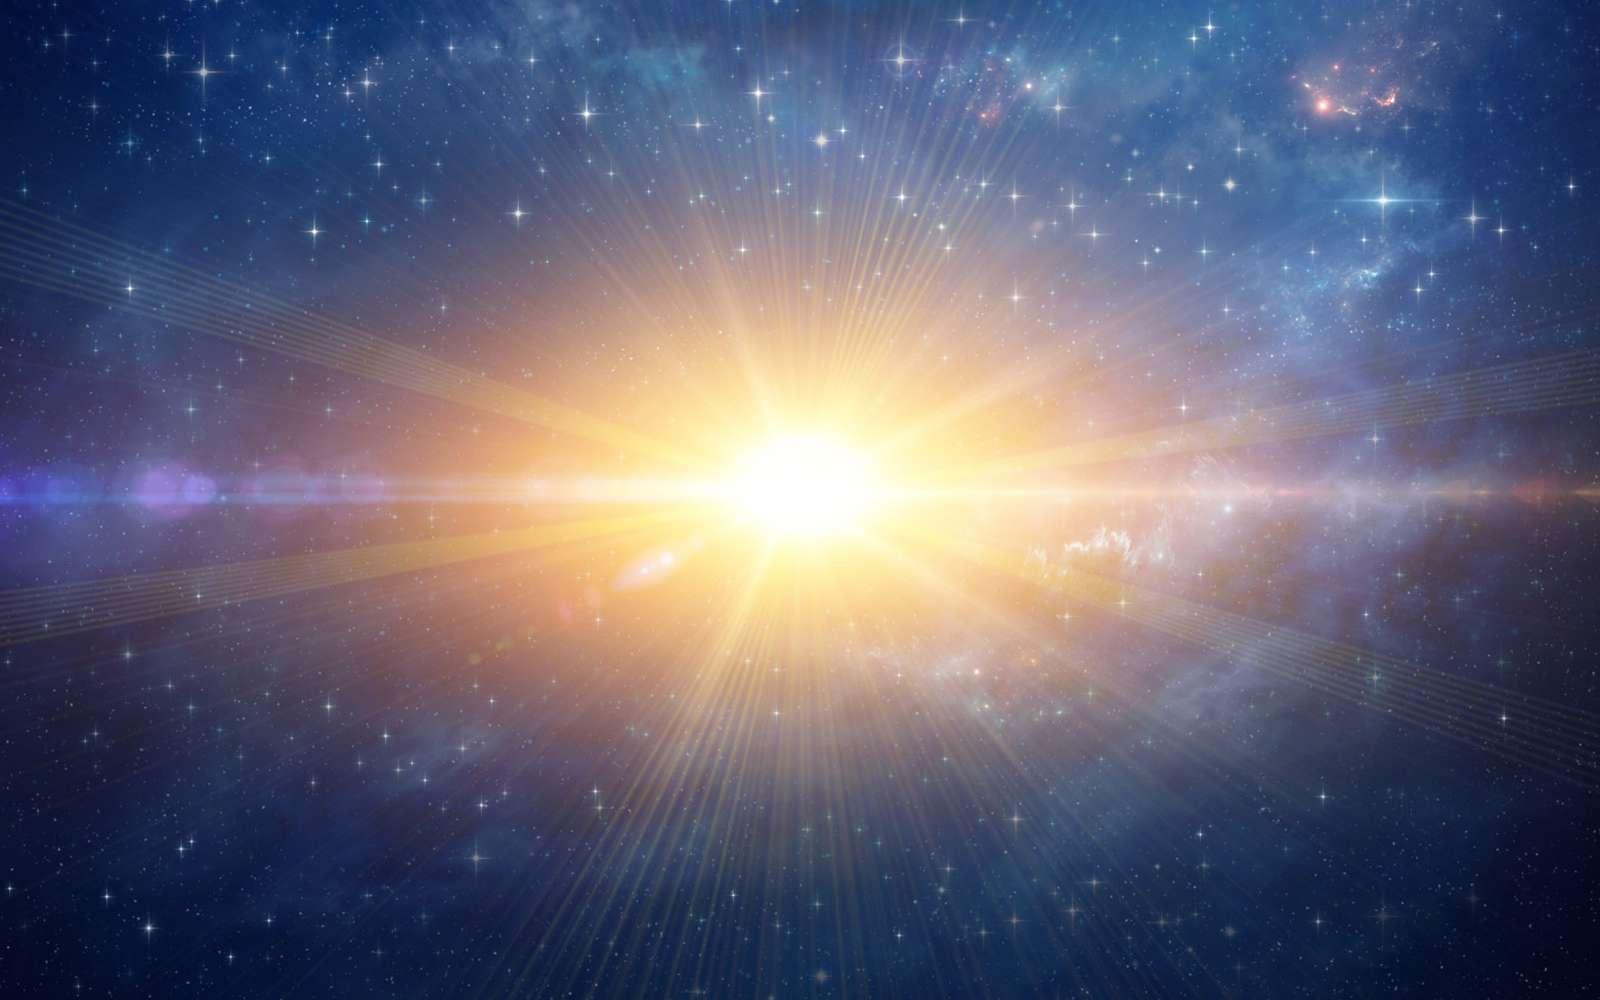 Le Big Bang et l'inflation, image d'artiste. Rappelons que le Big Bang n'est pas vraiment une explosion au sens classique. © MozZz, Fotolia